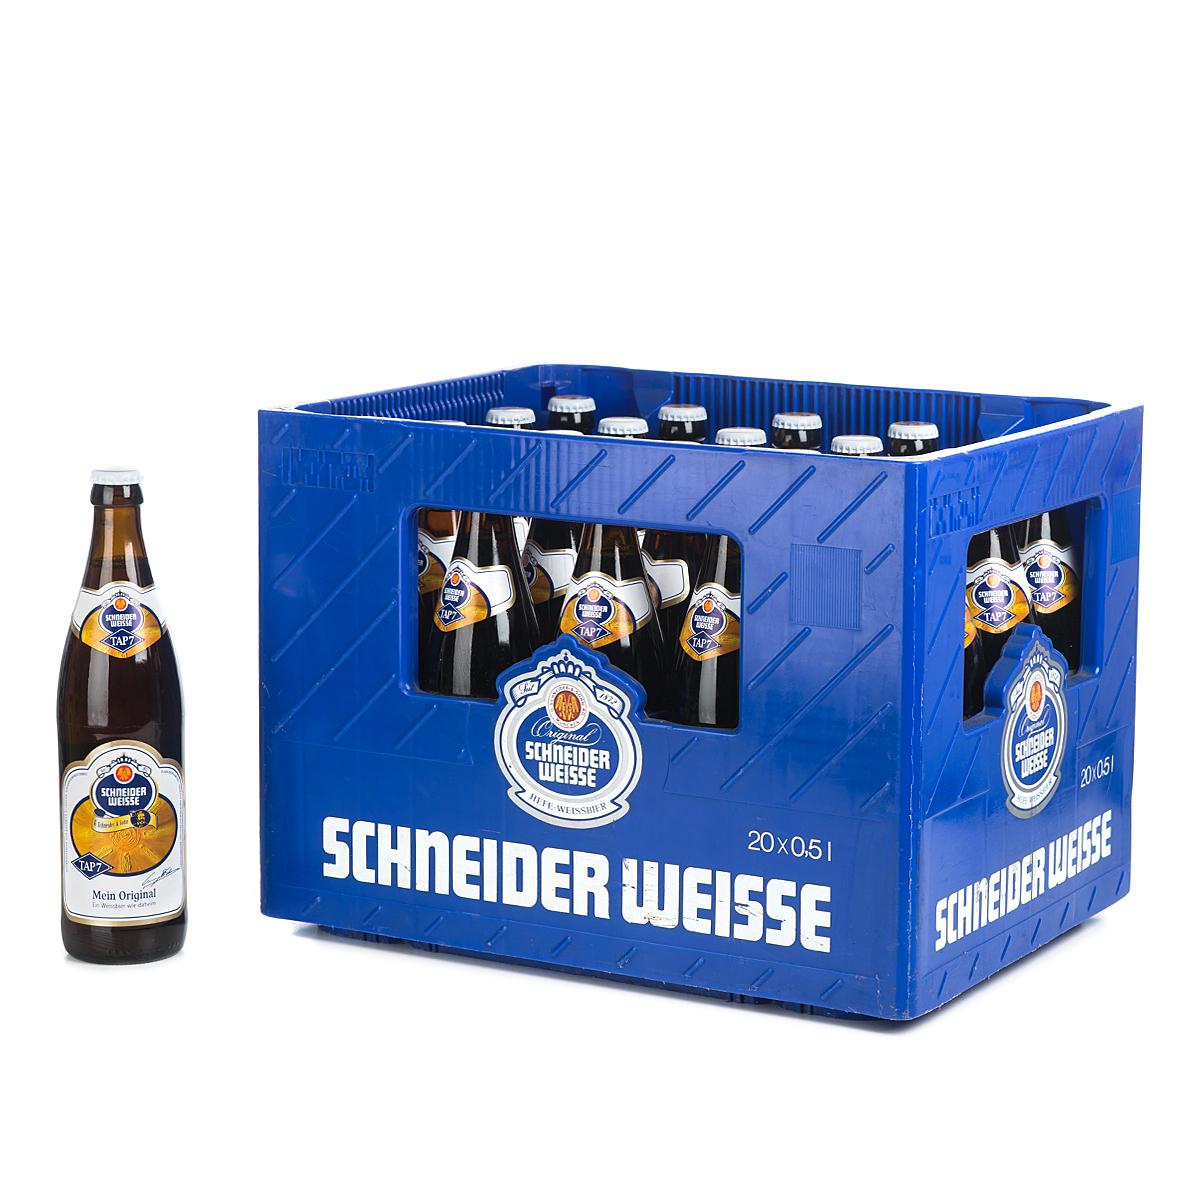 Schneider Weisse Bier online bestellen | drink-now.com